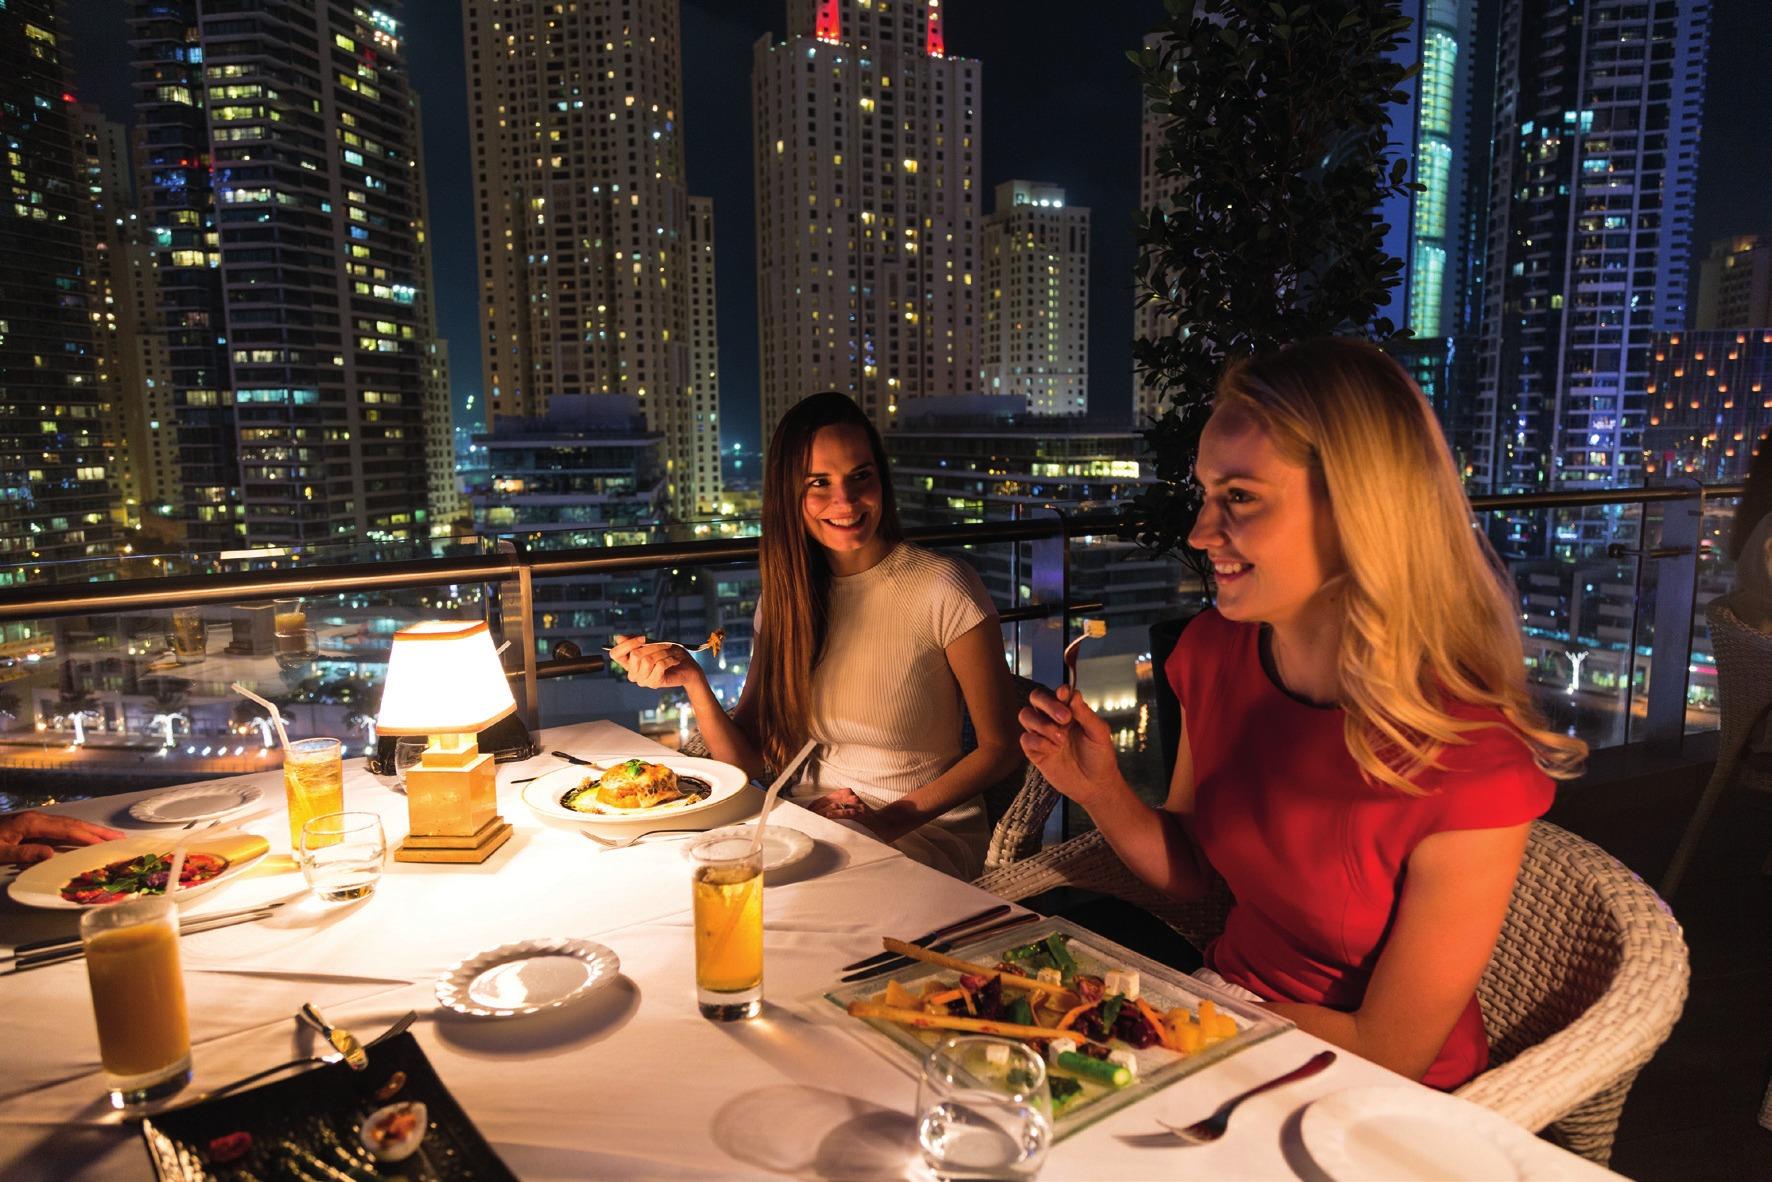 Das sollte man über Dubai wissen Image 2